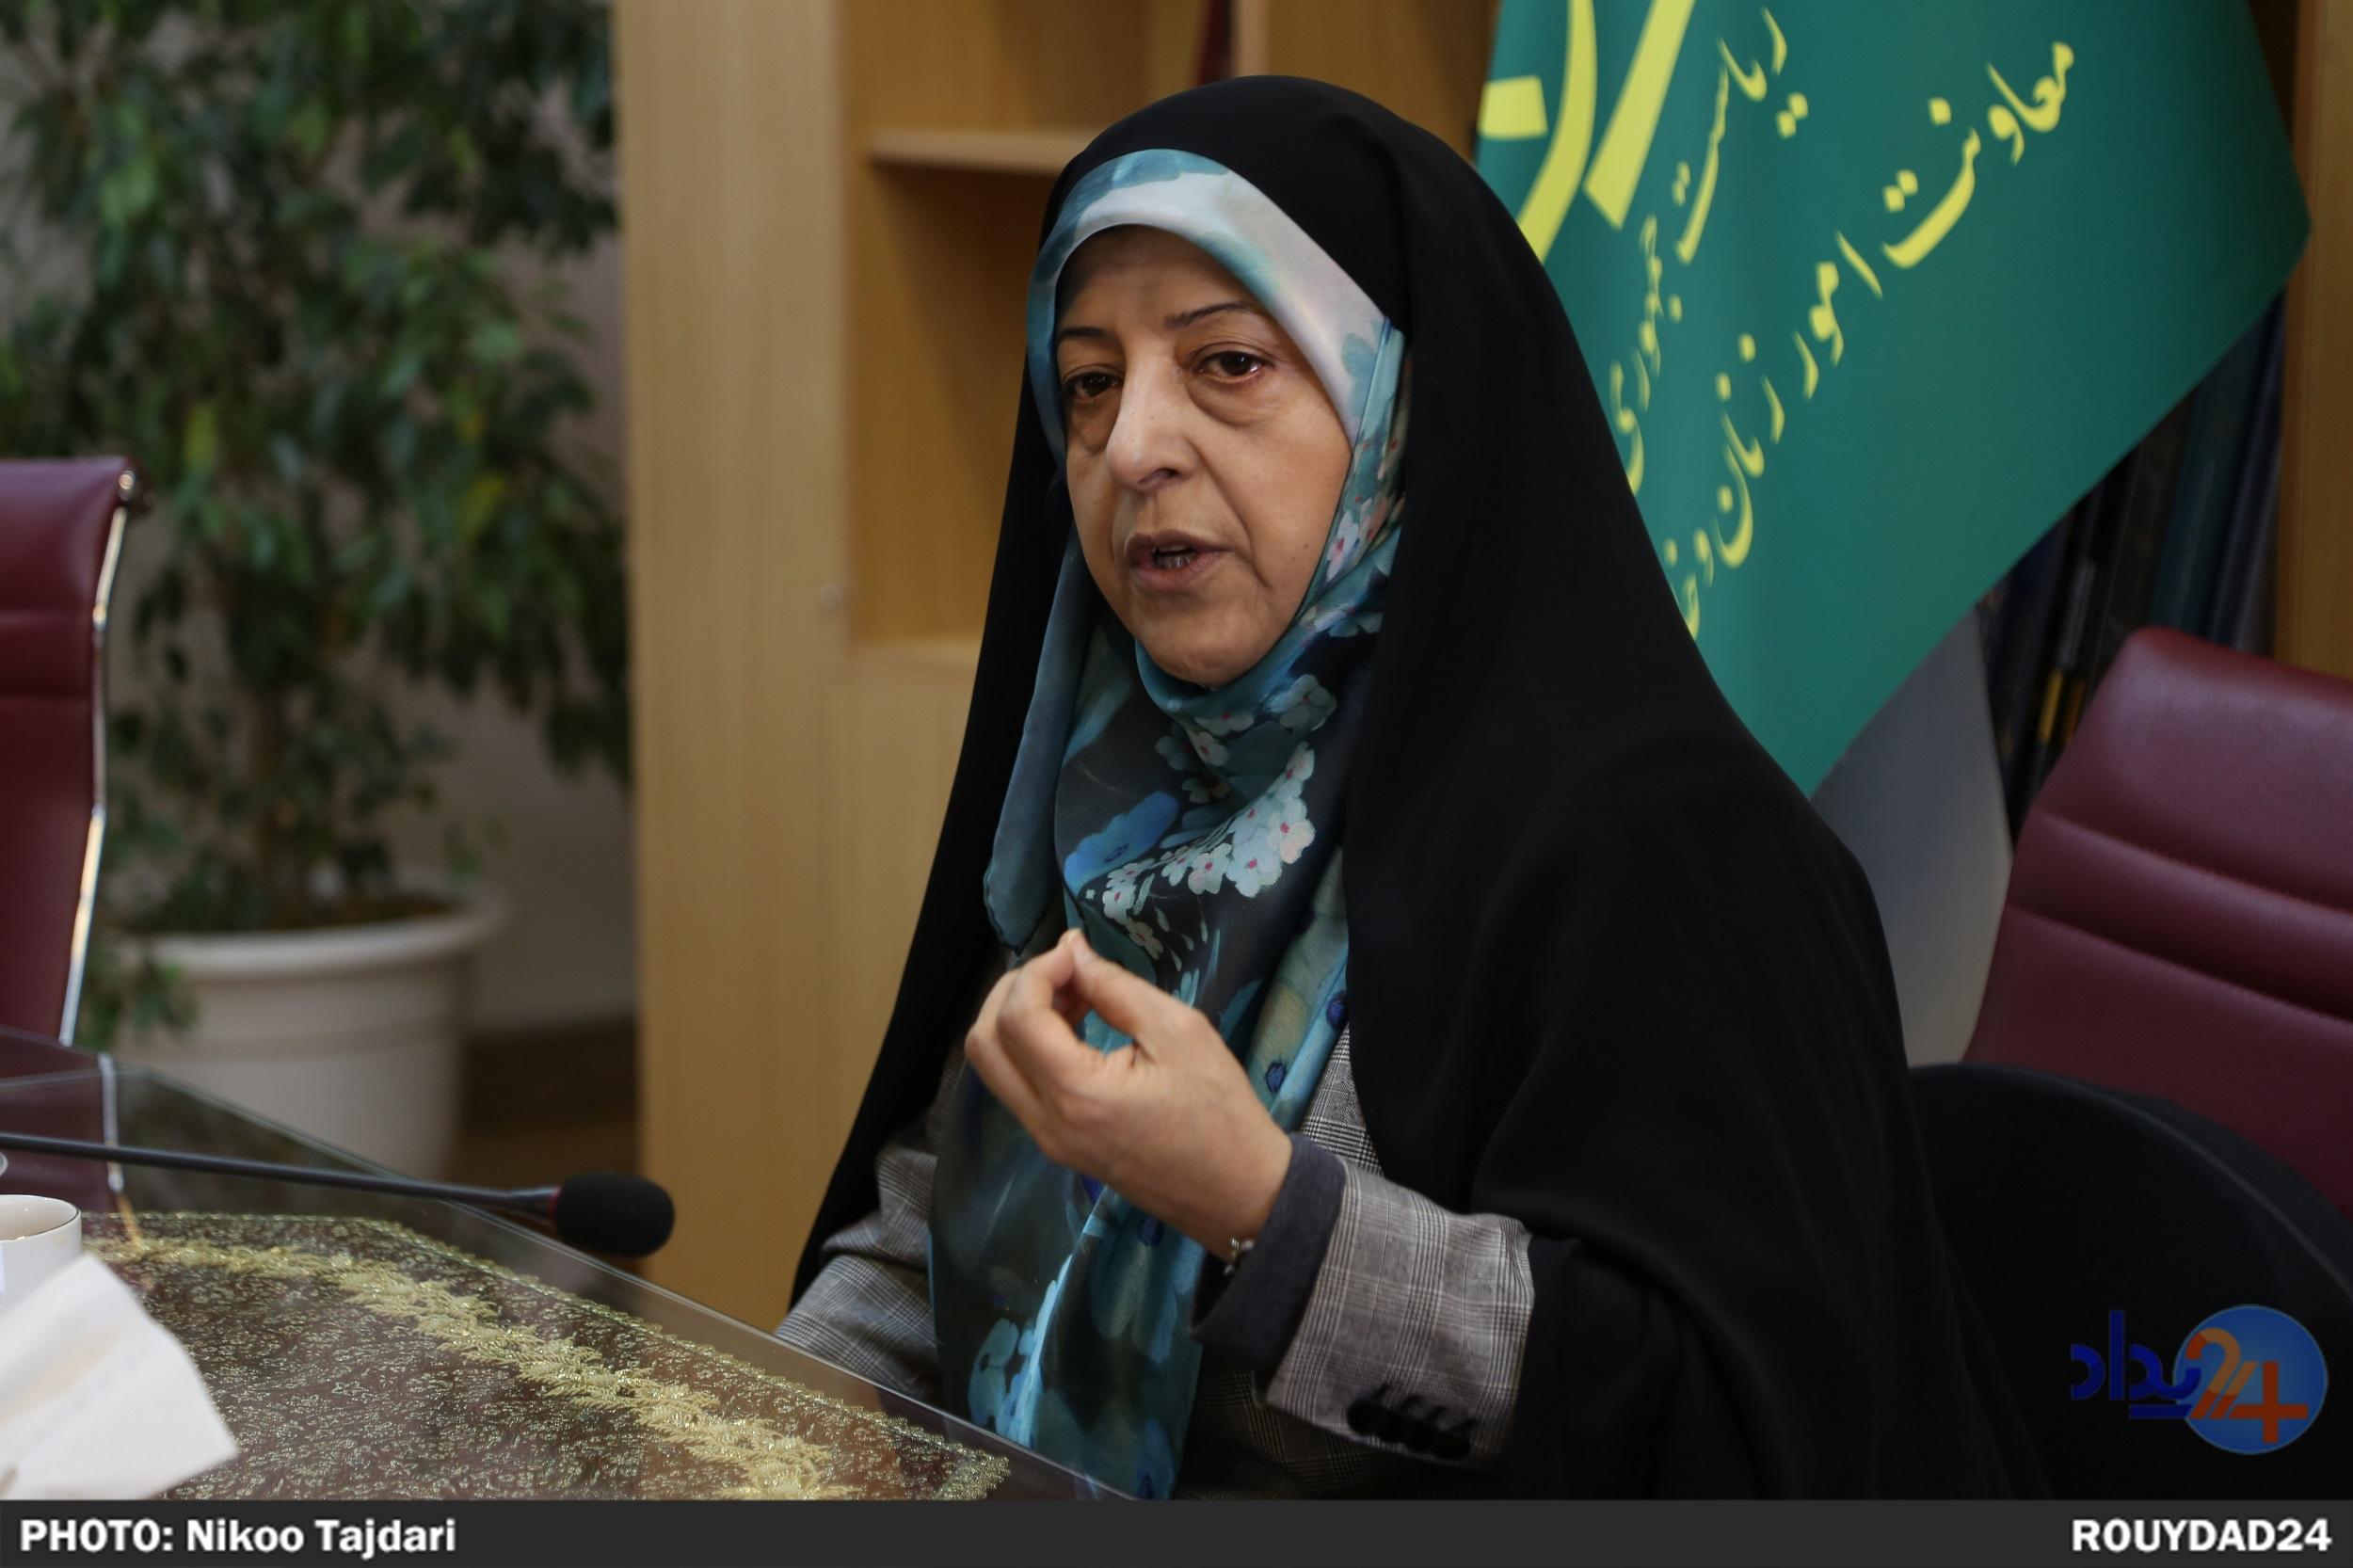 حوزه اصلی من زنان است، مرا از زنان به محیط زیست آوردند/ احمدی نژاد از زنان به عنوان ویترین استفاده کرد